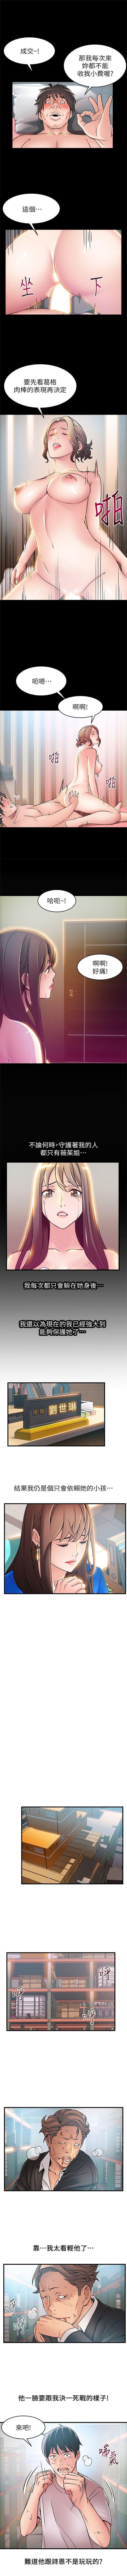 弱點 1-101 官方中文(連載中) 175